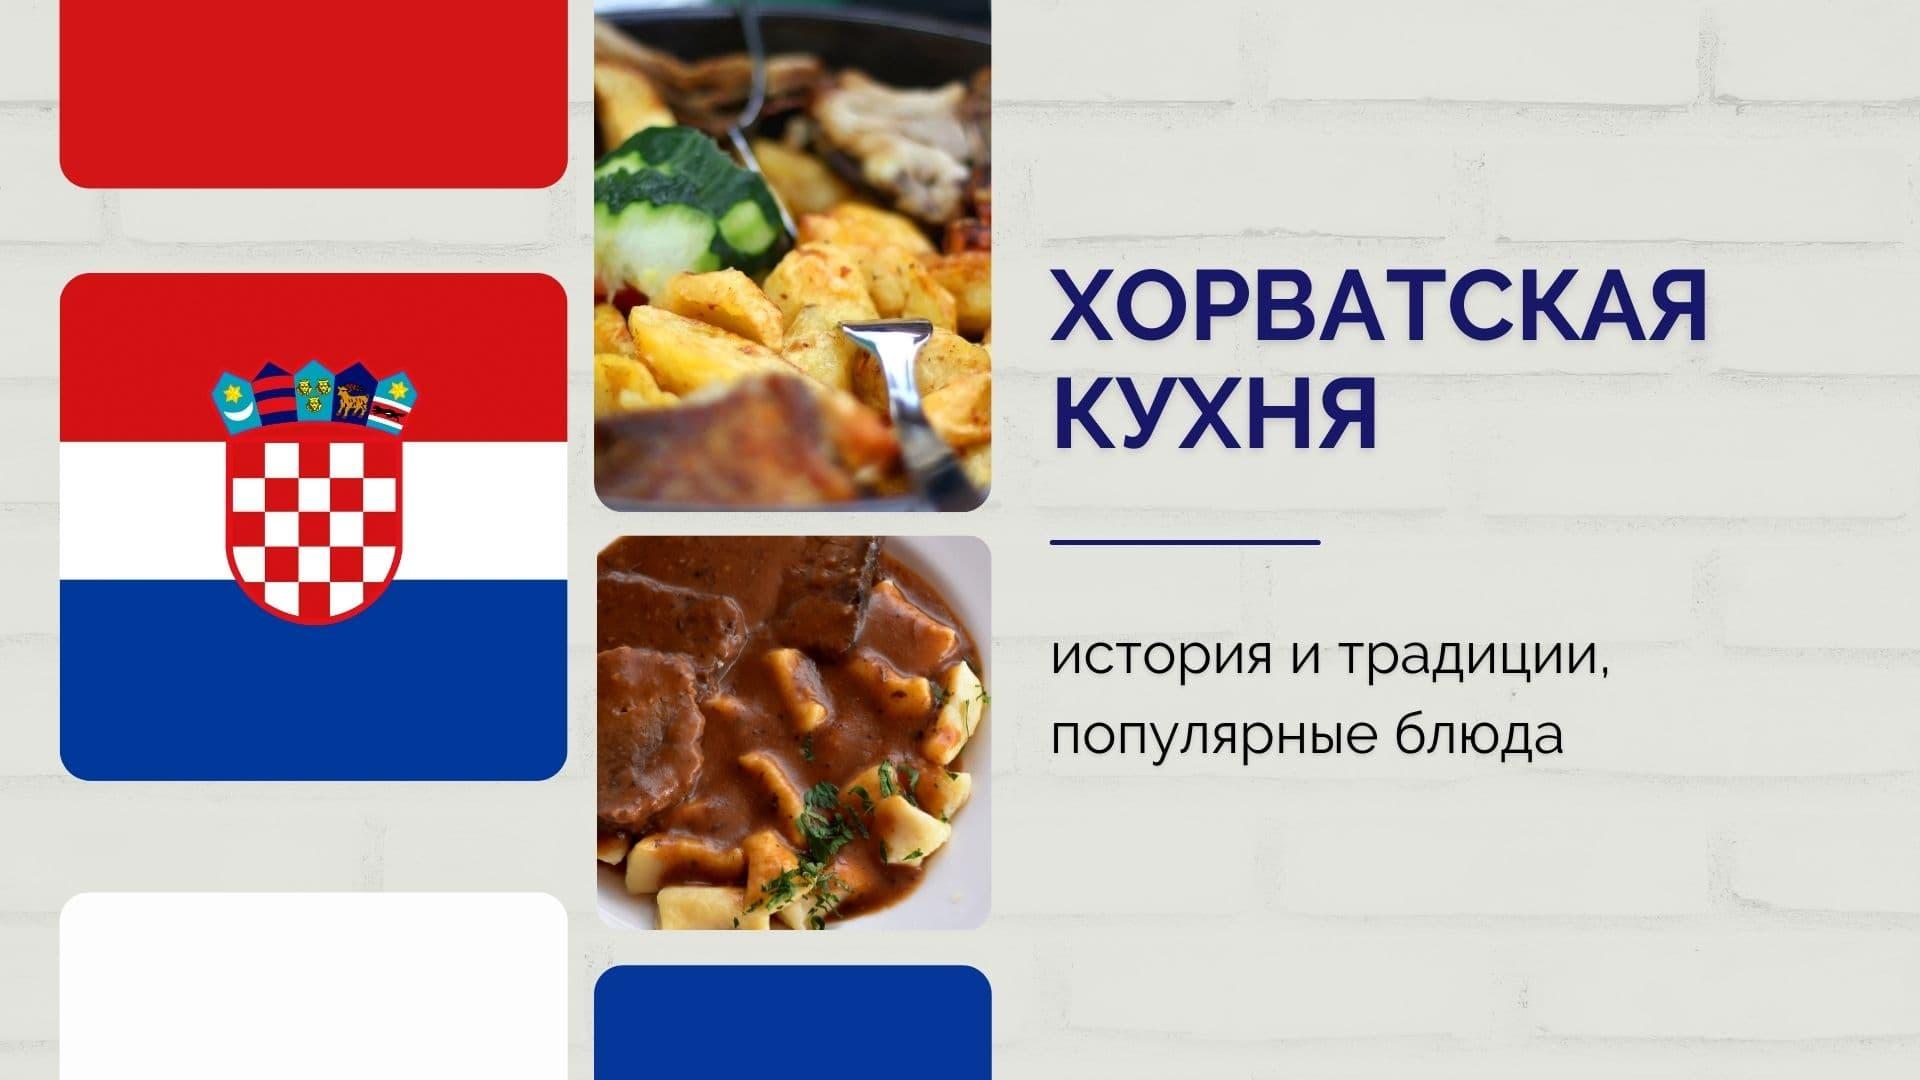 Хорватская кухня: история и традиции, популярные блюда